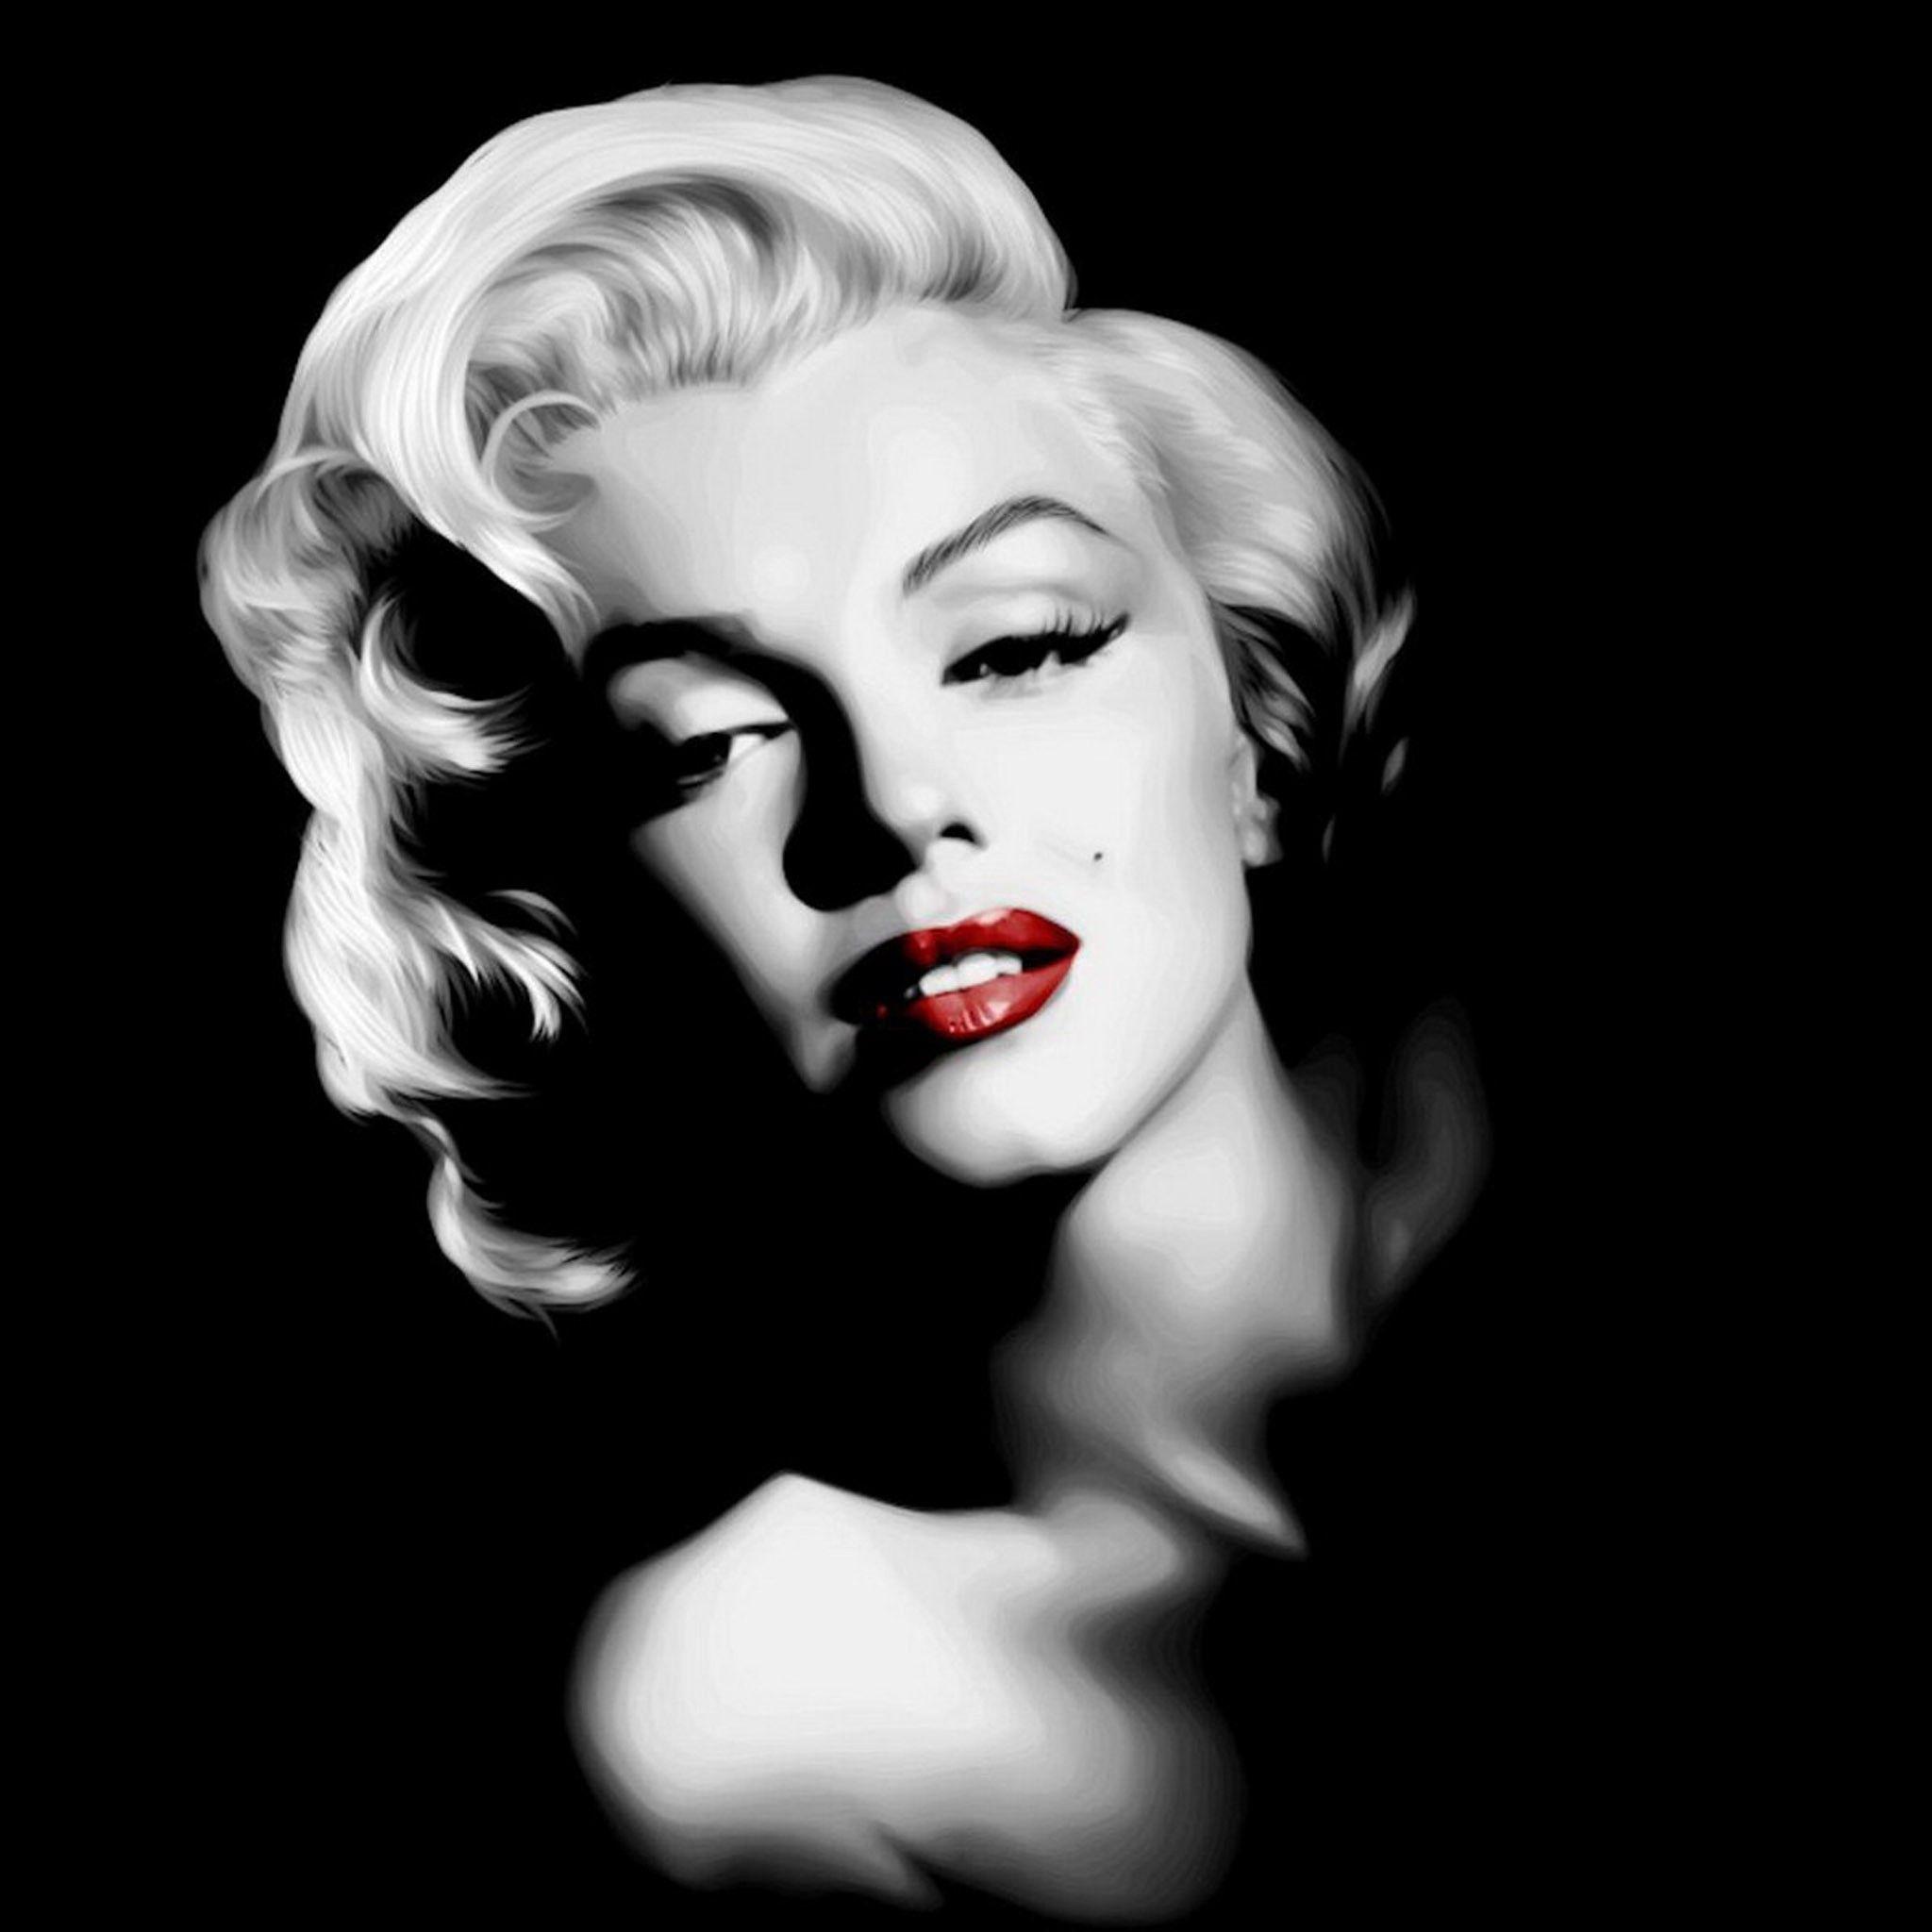 Marilyn Monroe Wallpaper Picture Wallpaper Celebrity 3797 Picthewall Portrait Marilyn Monroe Art Marilyn Monroe